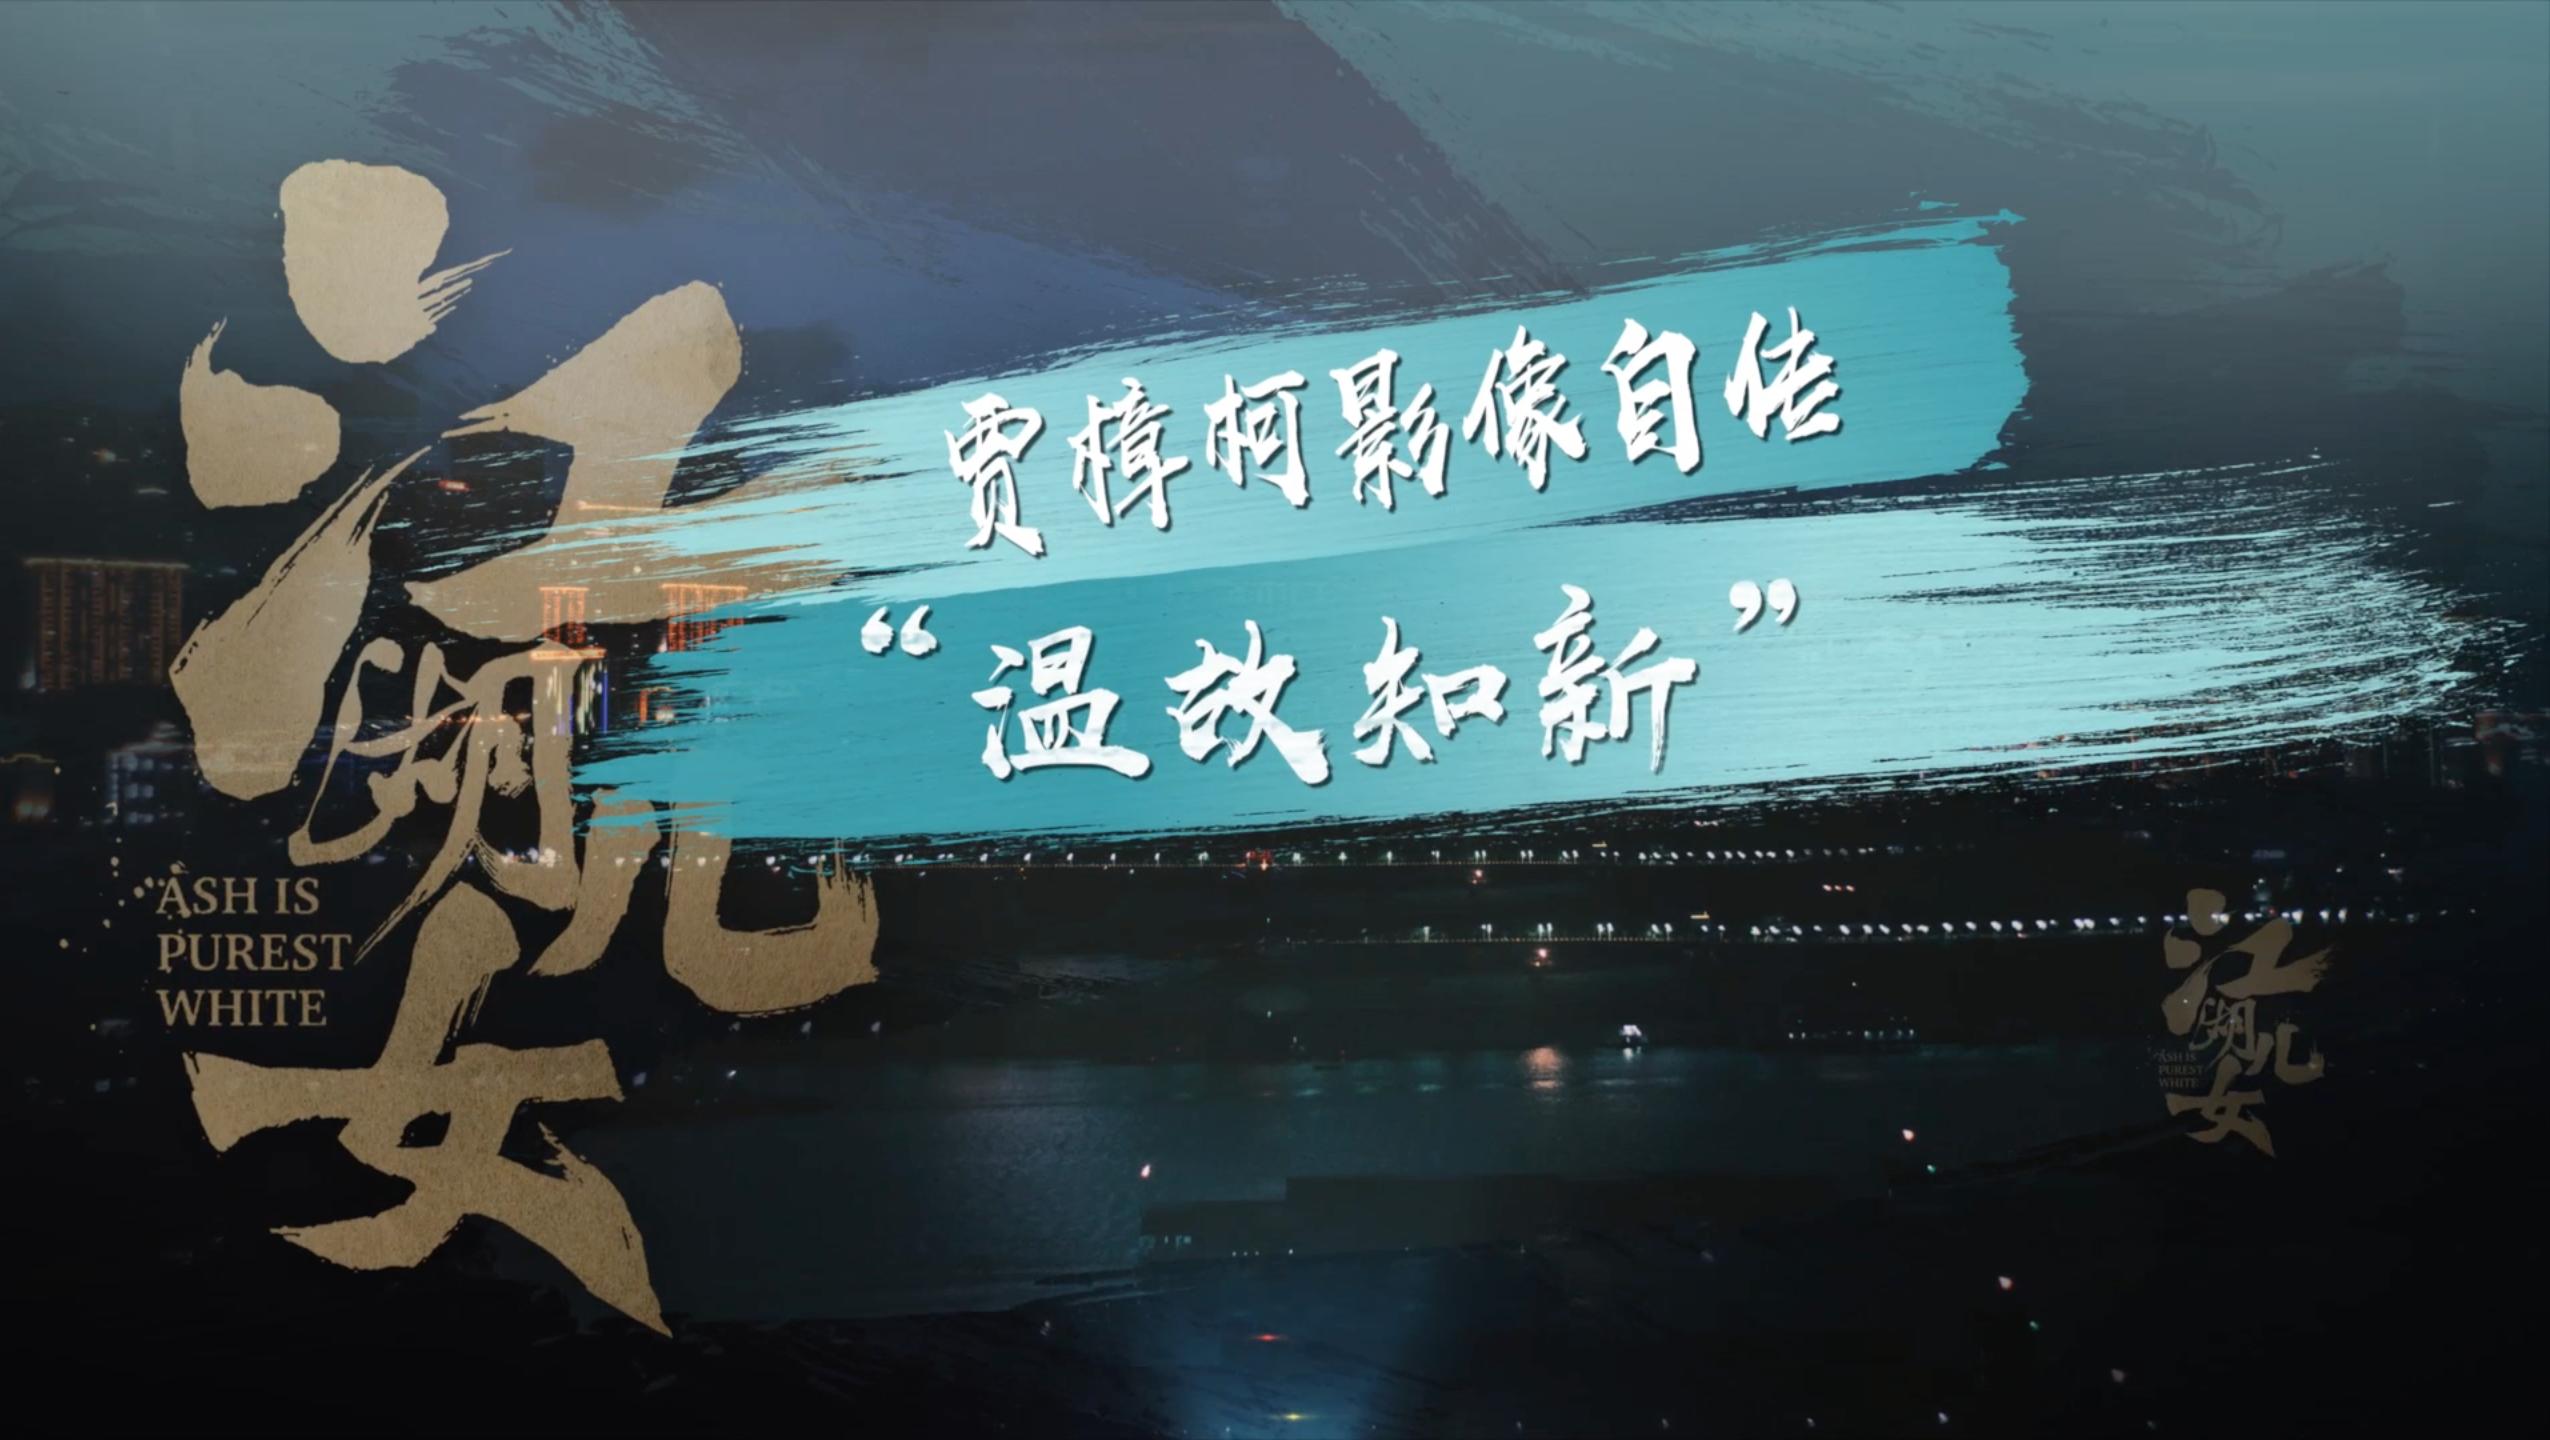 电影频道《今日影评》索亚斌评《江湖儿女》:  贾樟柯用影像书写自传 电影聚焦逝去的时代情怀